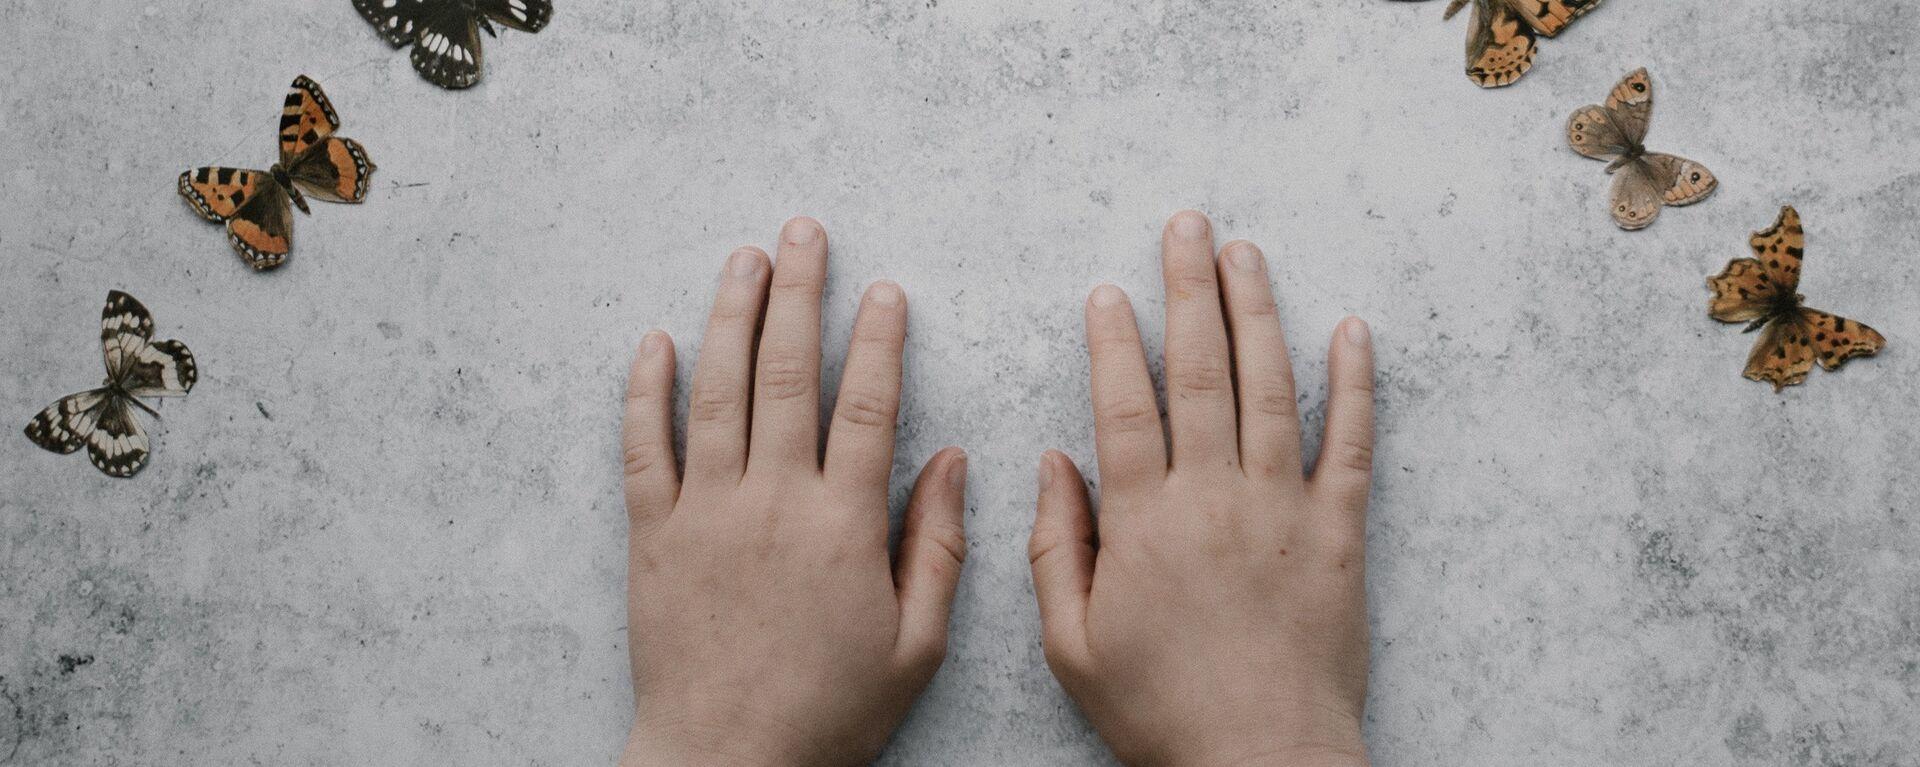 Las manos de un niño (imagen referencial) - Sputnik Mundo, 1920, 21.06.2021